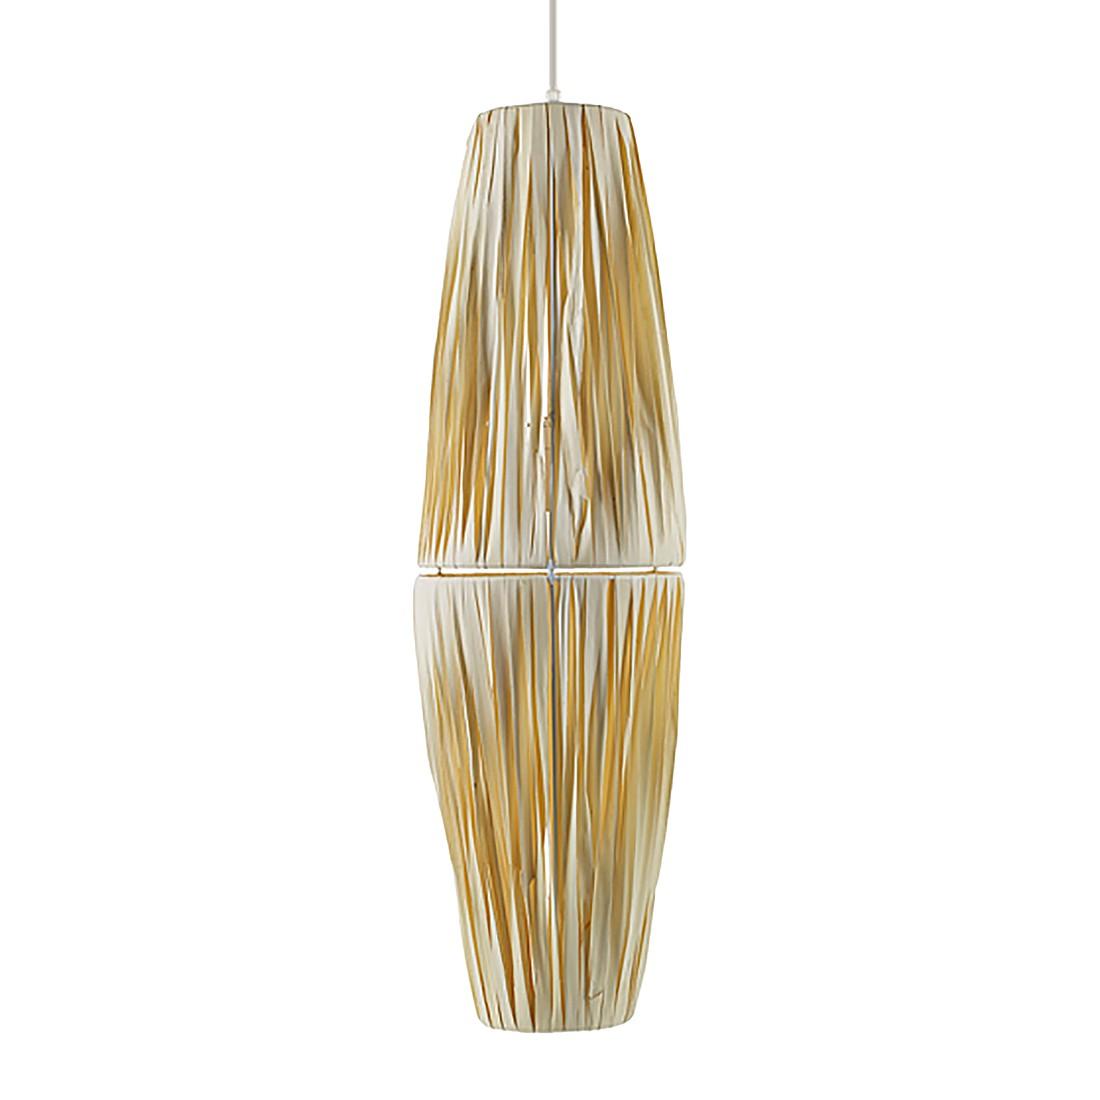 pendelleuchte palme oval 1 flammig serax g nstig kaufen. Black Bedroom Furniture Sets. Home Design Ideas